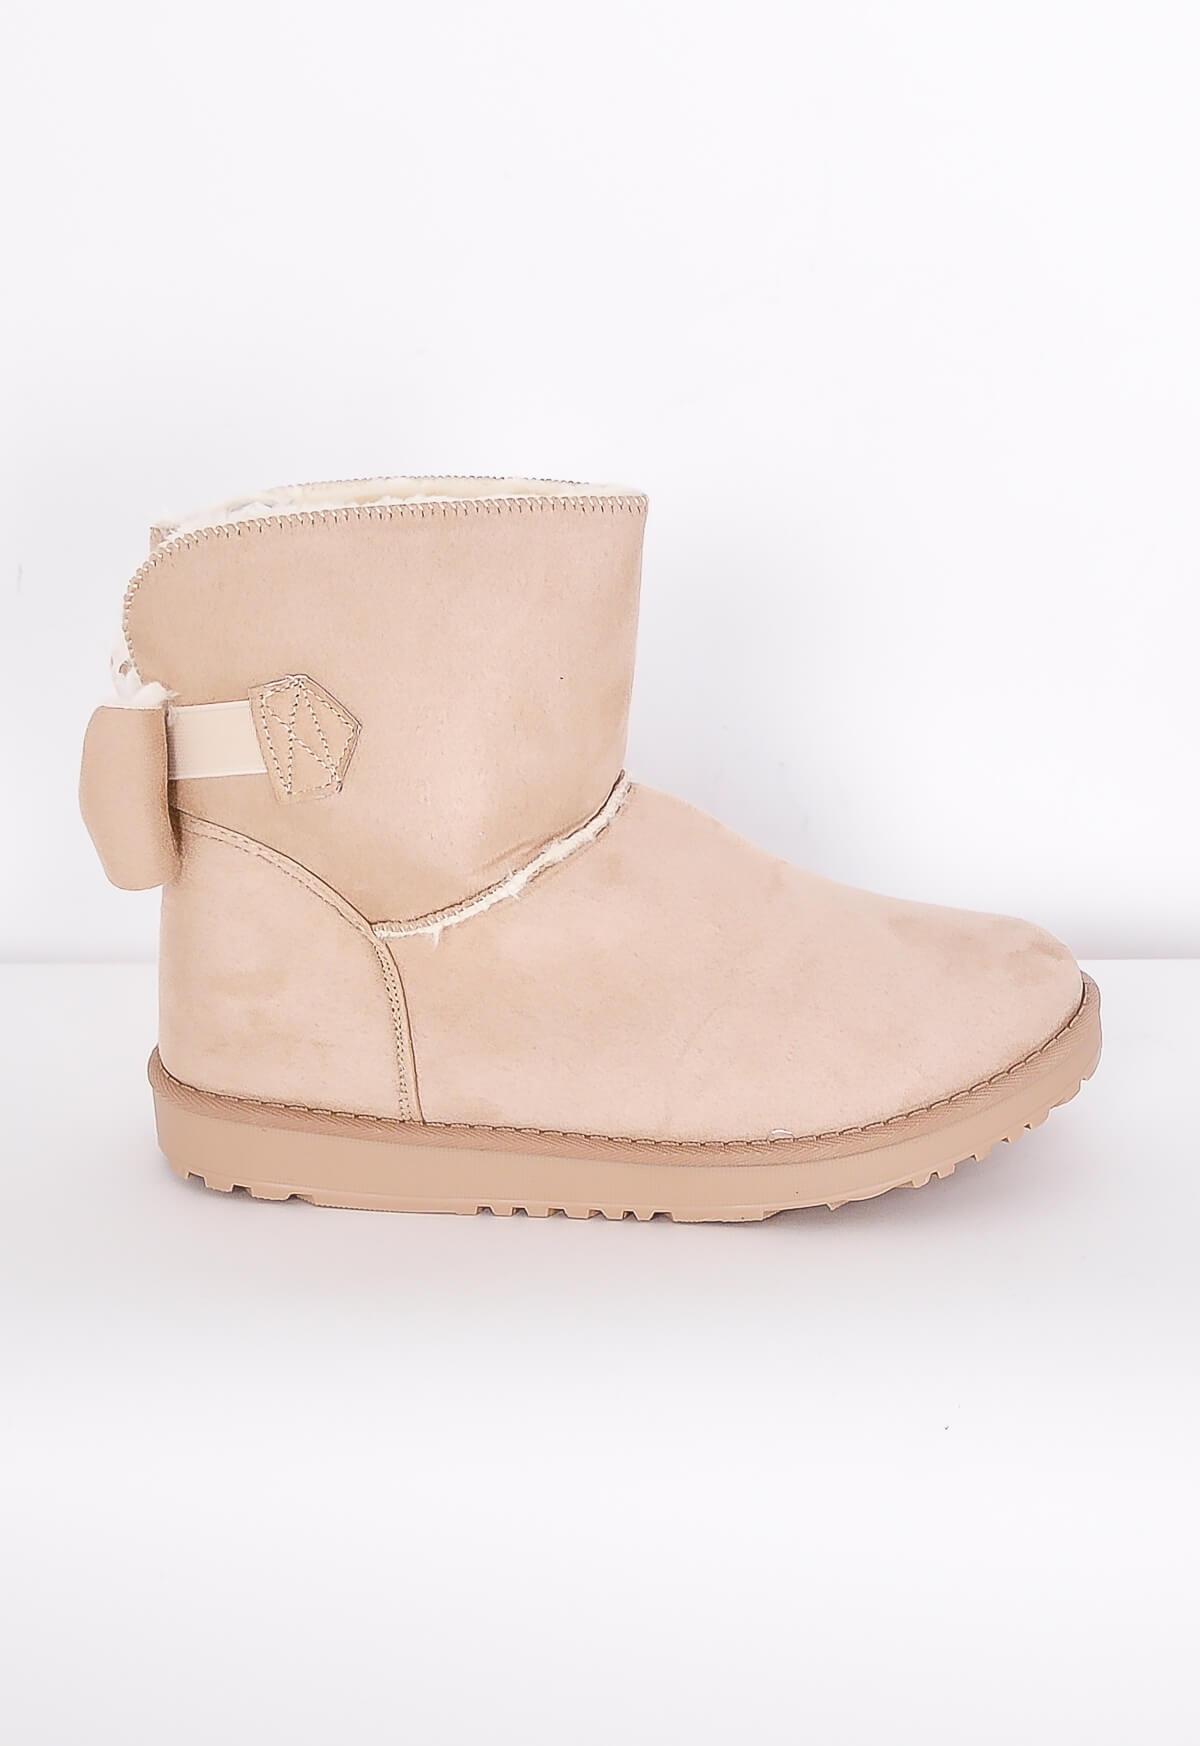 Dámské boty typu válenky s mašlí - Pudrově